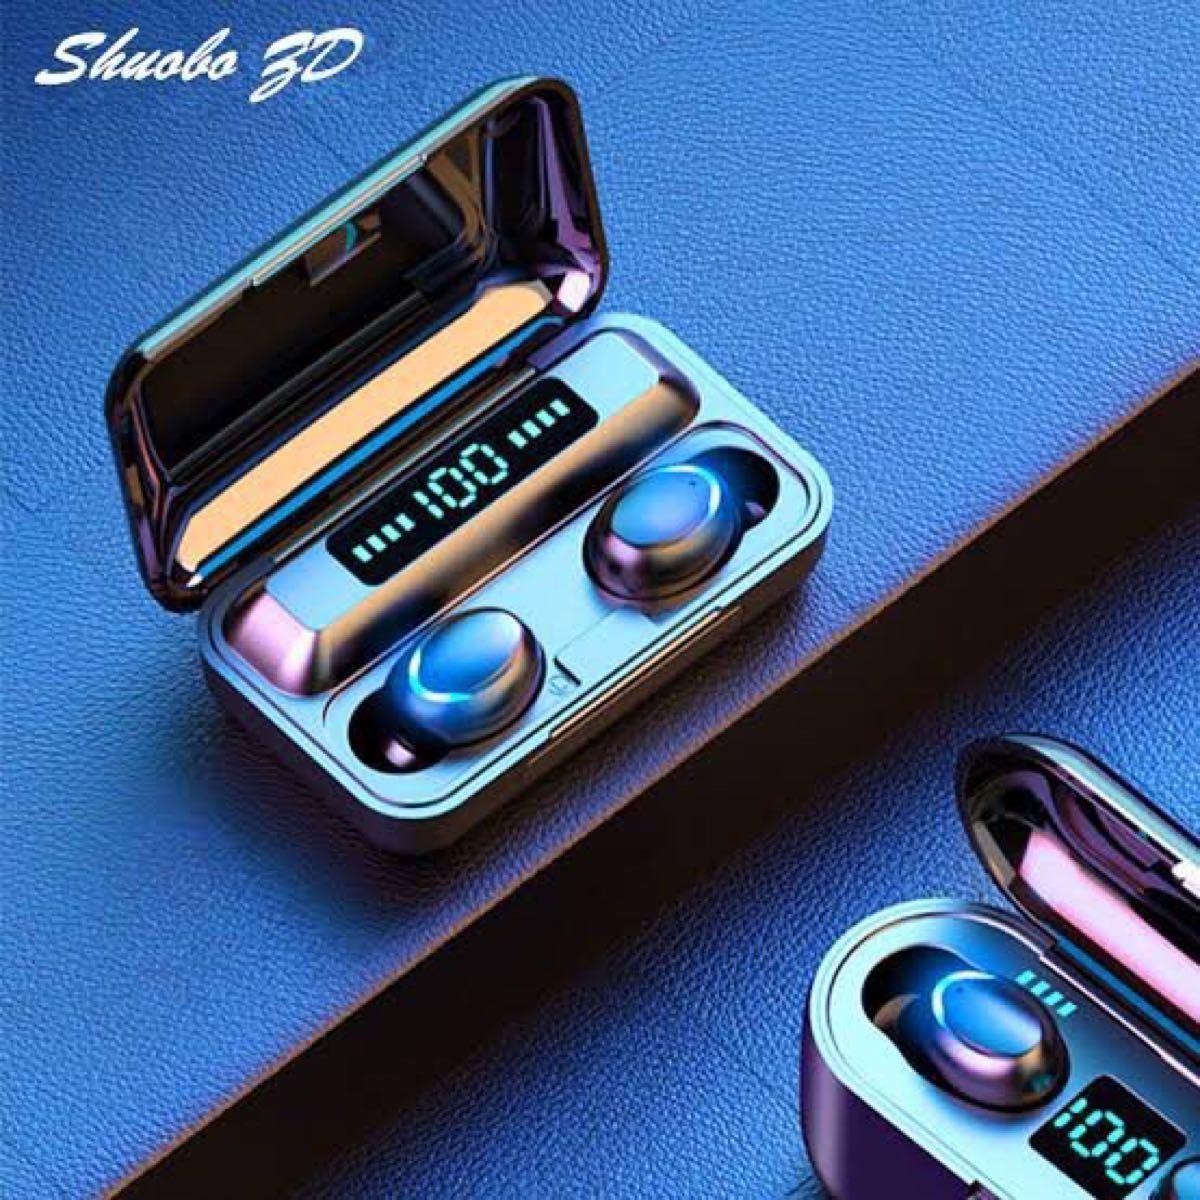 ワイヤレスイヤホン Bluetooth 高音質 イヤフォン モバイルバッテリー Bluetoothイヤホン AirPods